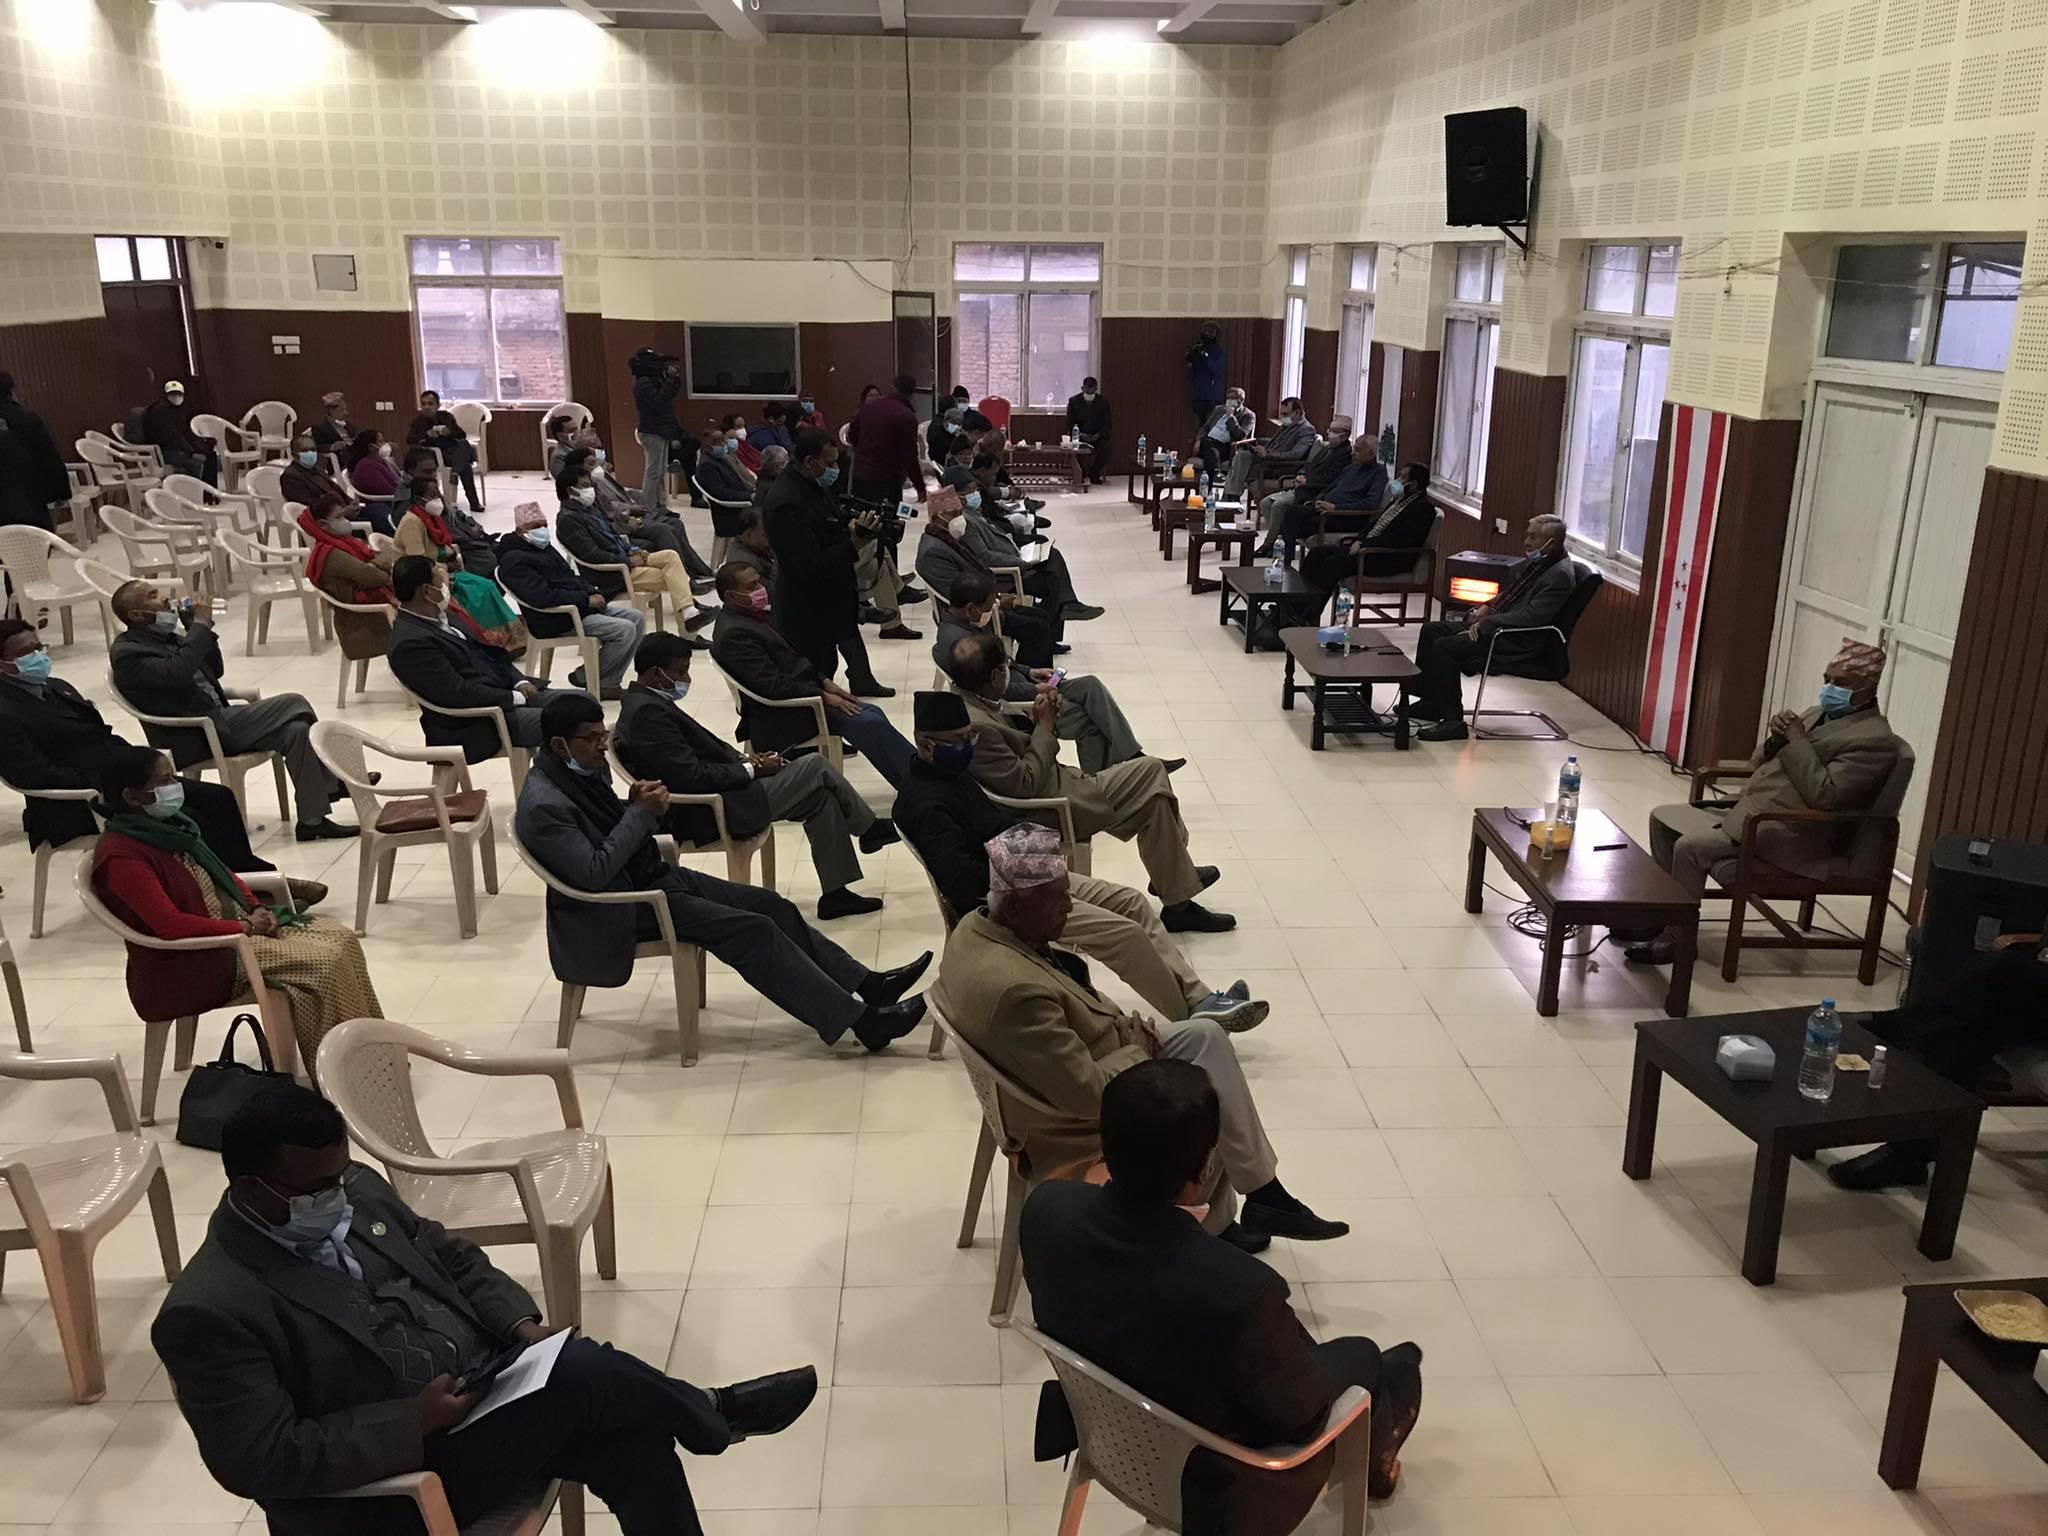 नेपाली काँग्रेसको केन्द्रीय समिति बैठक सानेपामा सुरु